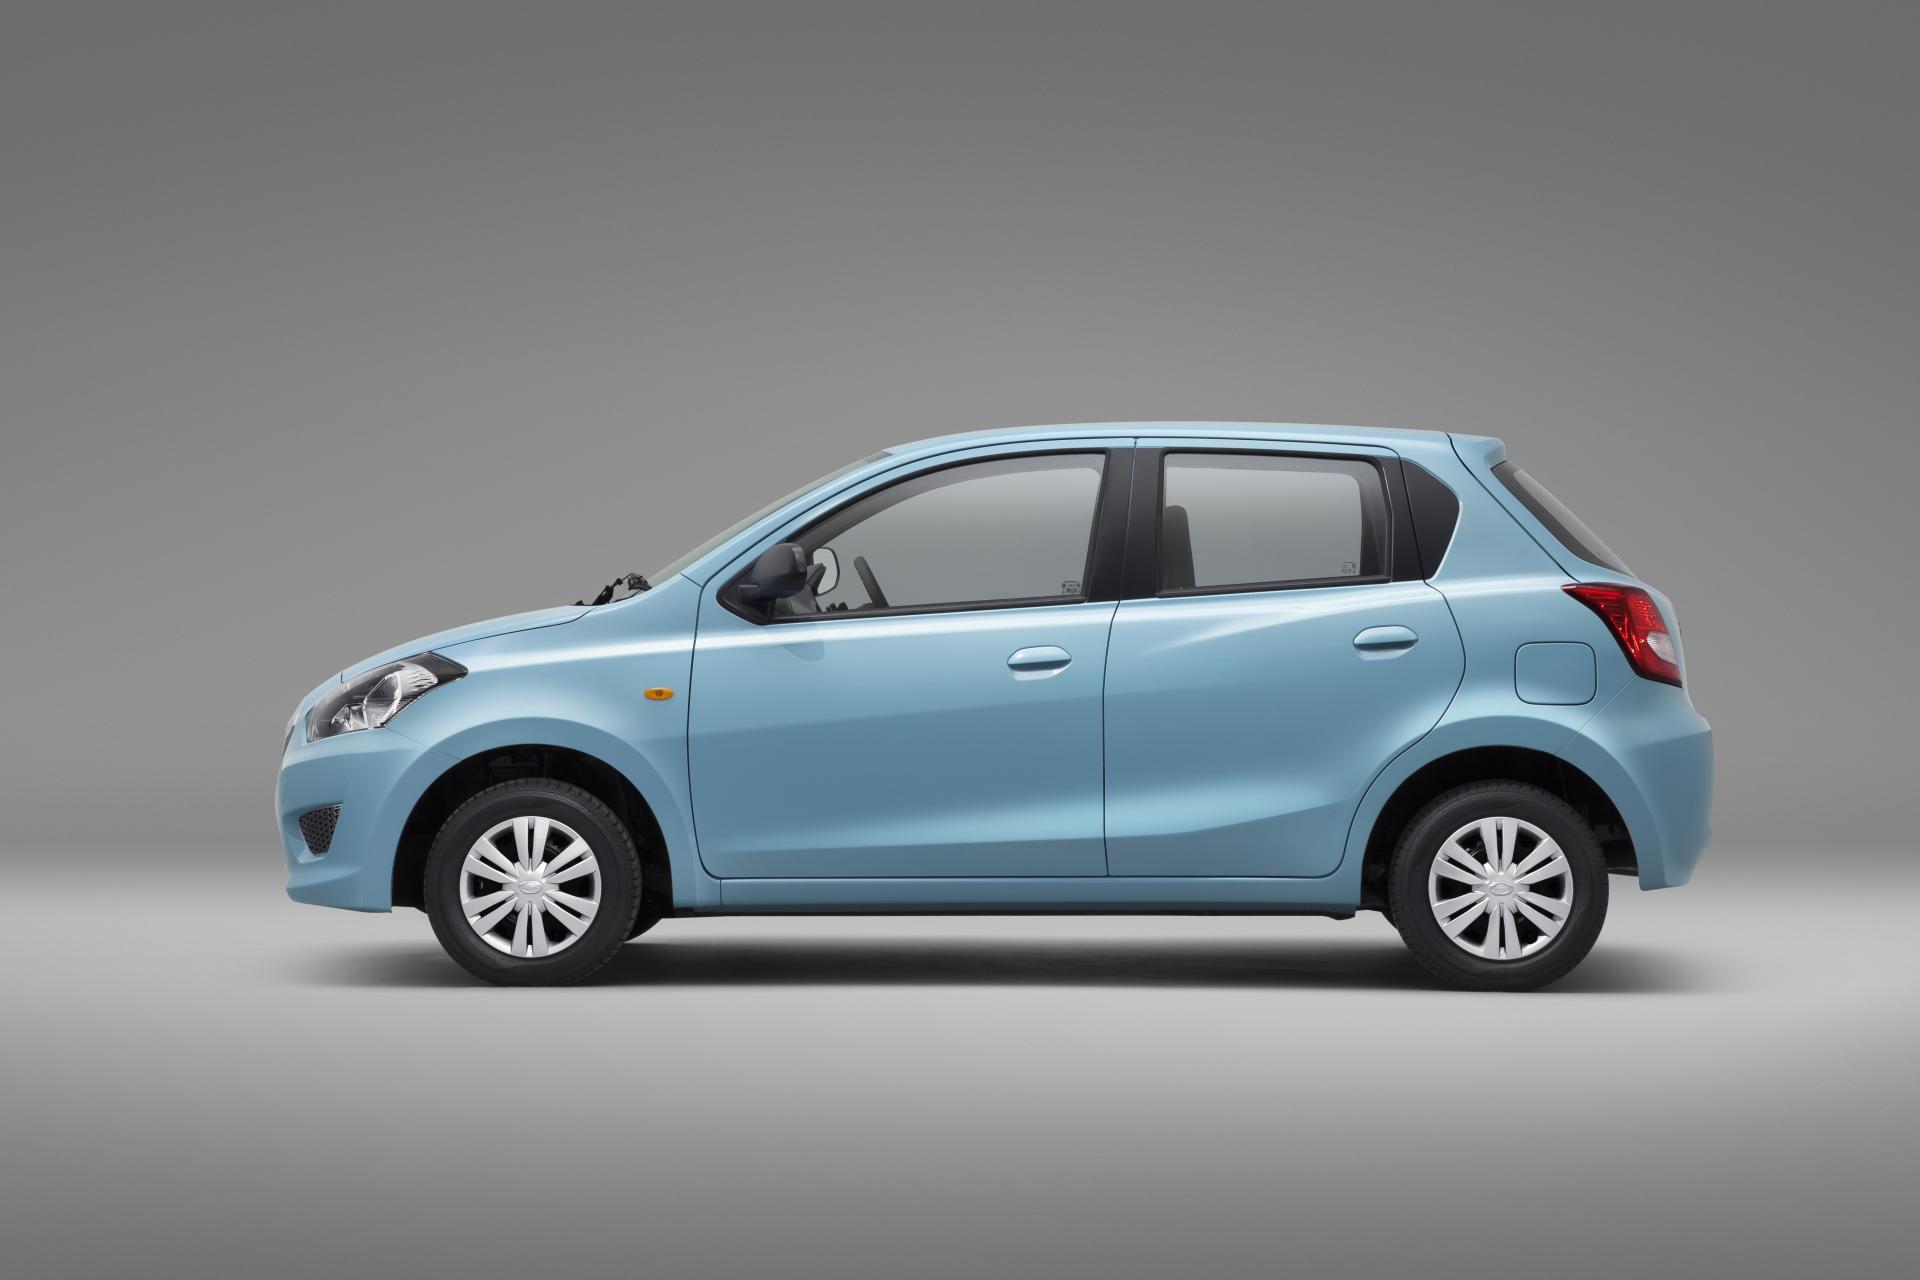 2014 Datsun GO News and Information | conceptcarz.com